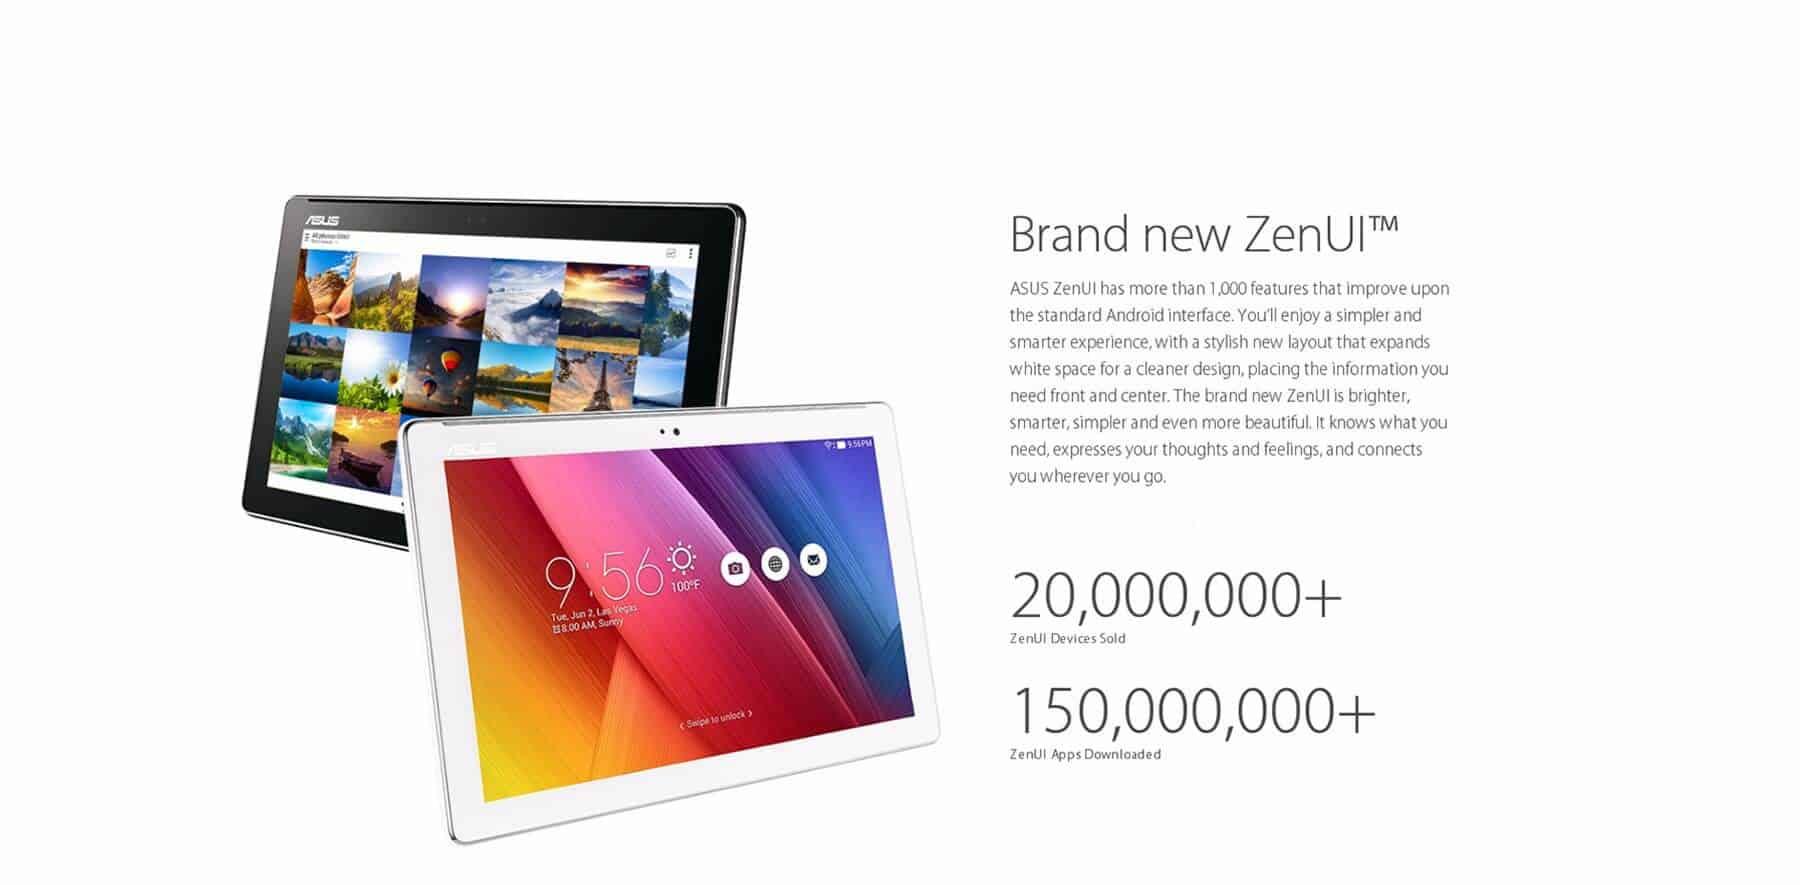 GearBest ASUS ZenPad 10 Z300C (9)